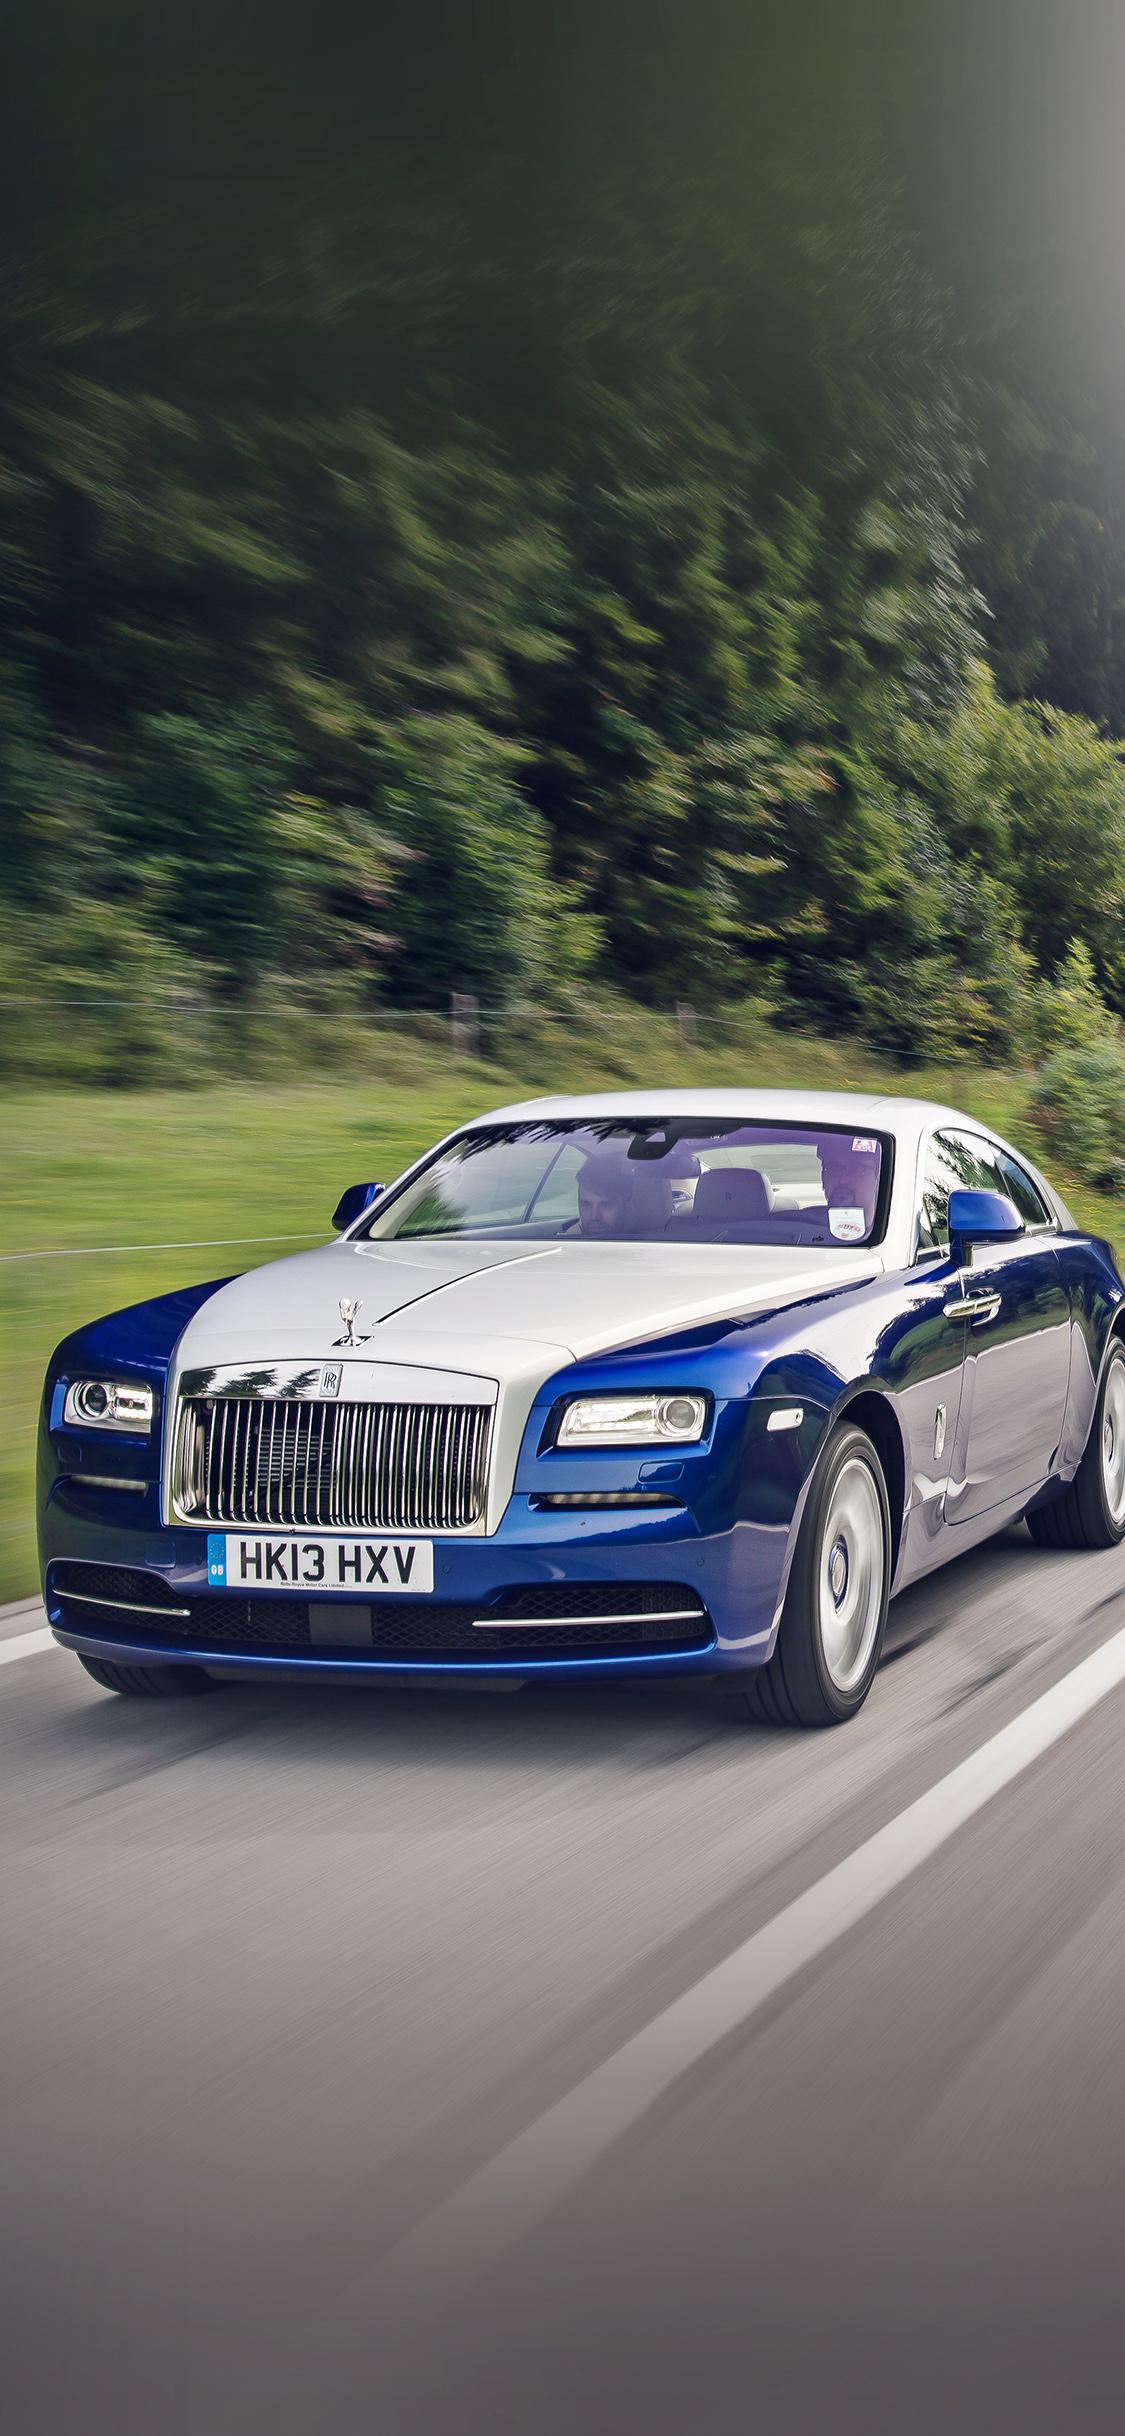 iPhoneXpapers.com-Apple-iPhone-wallpaper-aj95-bentley-blue-drive-car